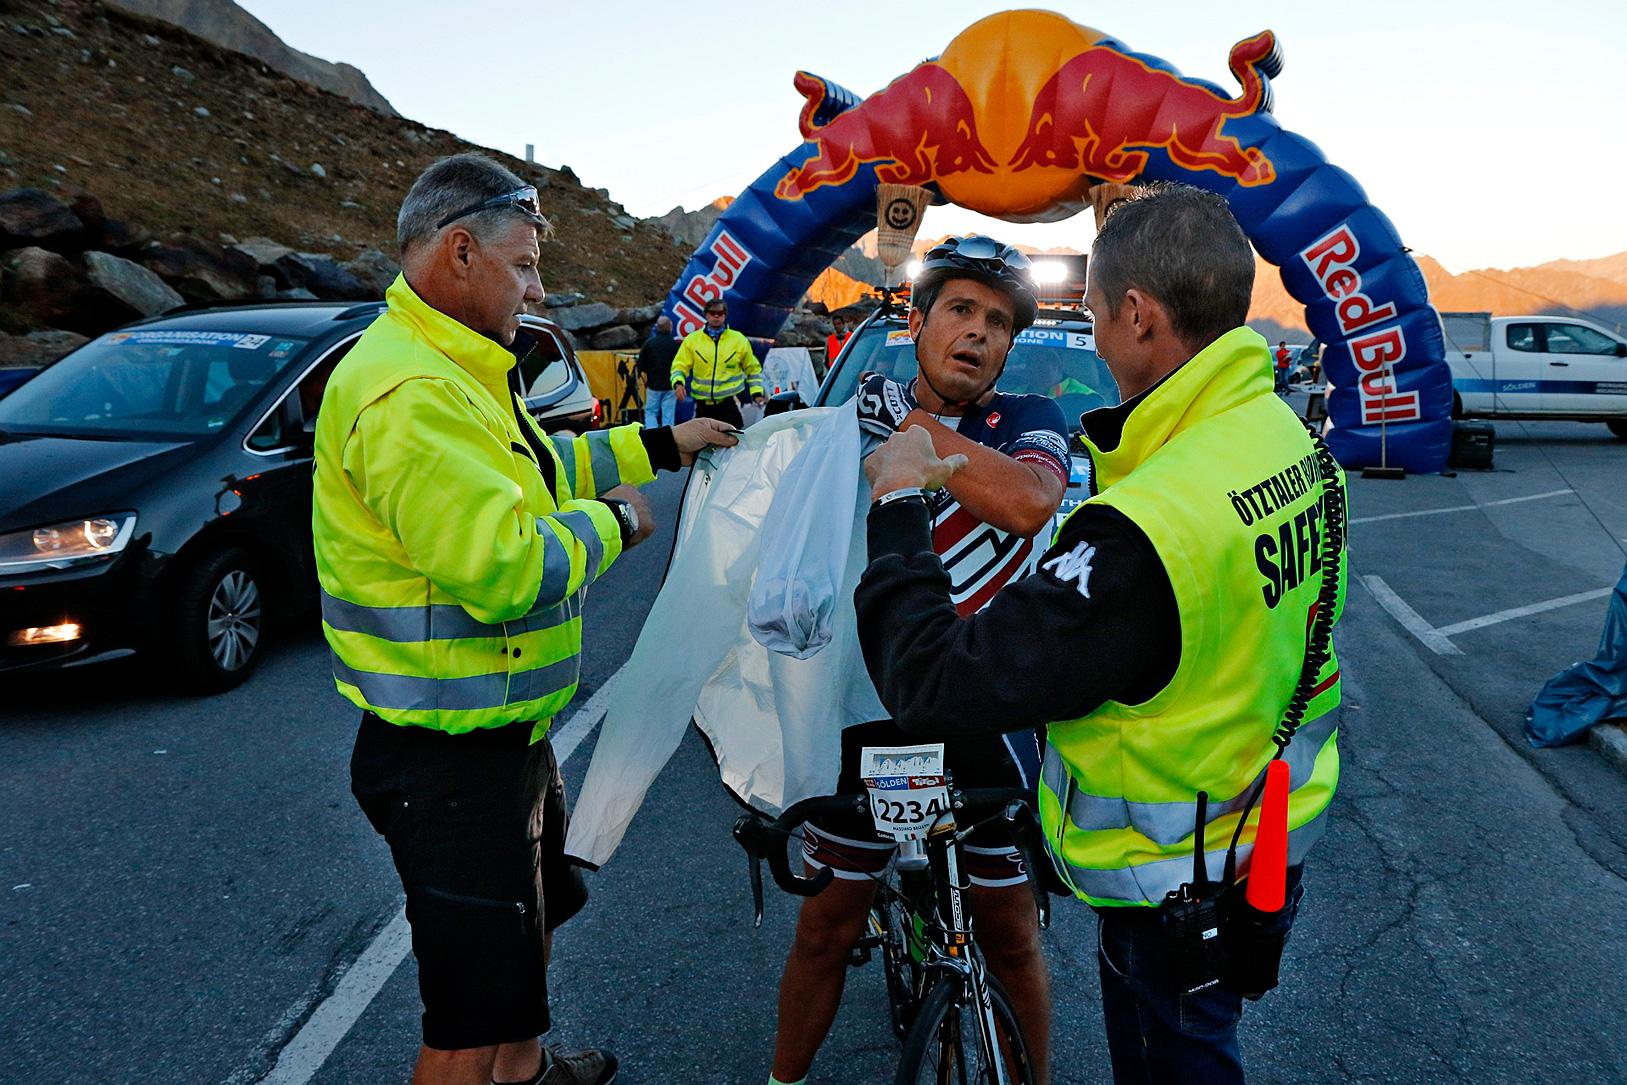 Ein entkräfteter Radfahrer zieht sich eine Jacke an